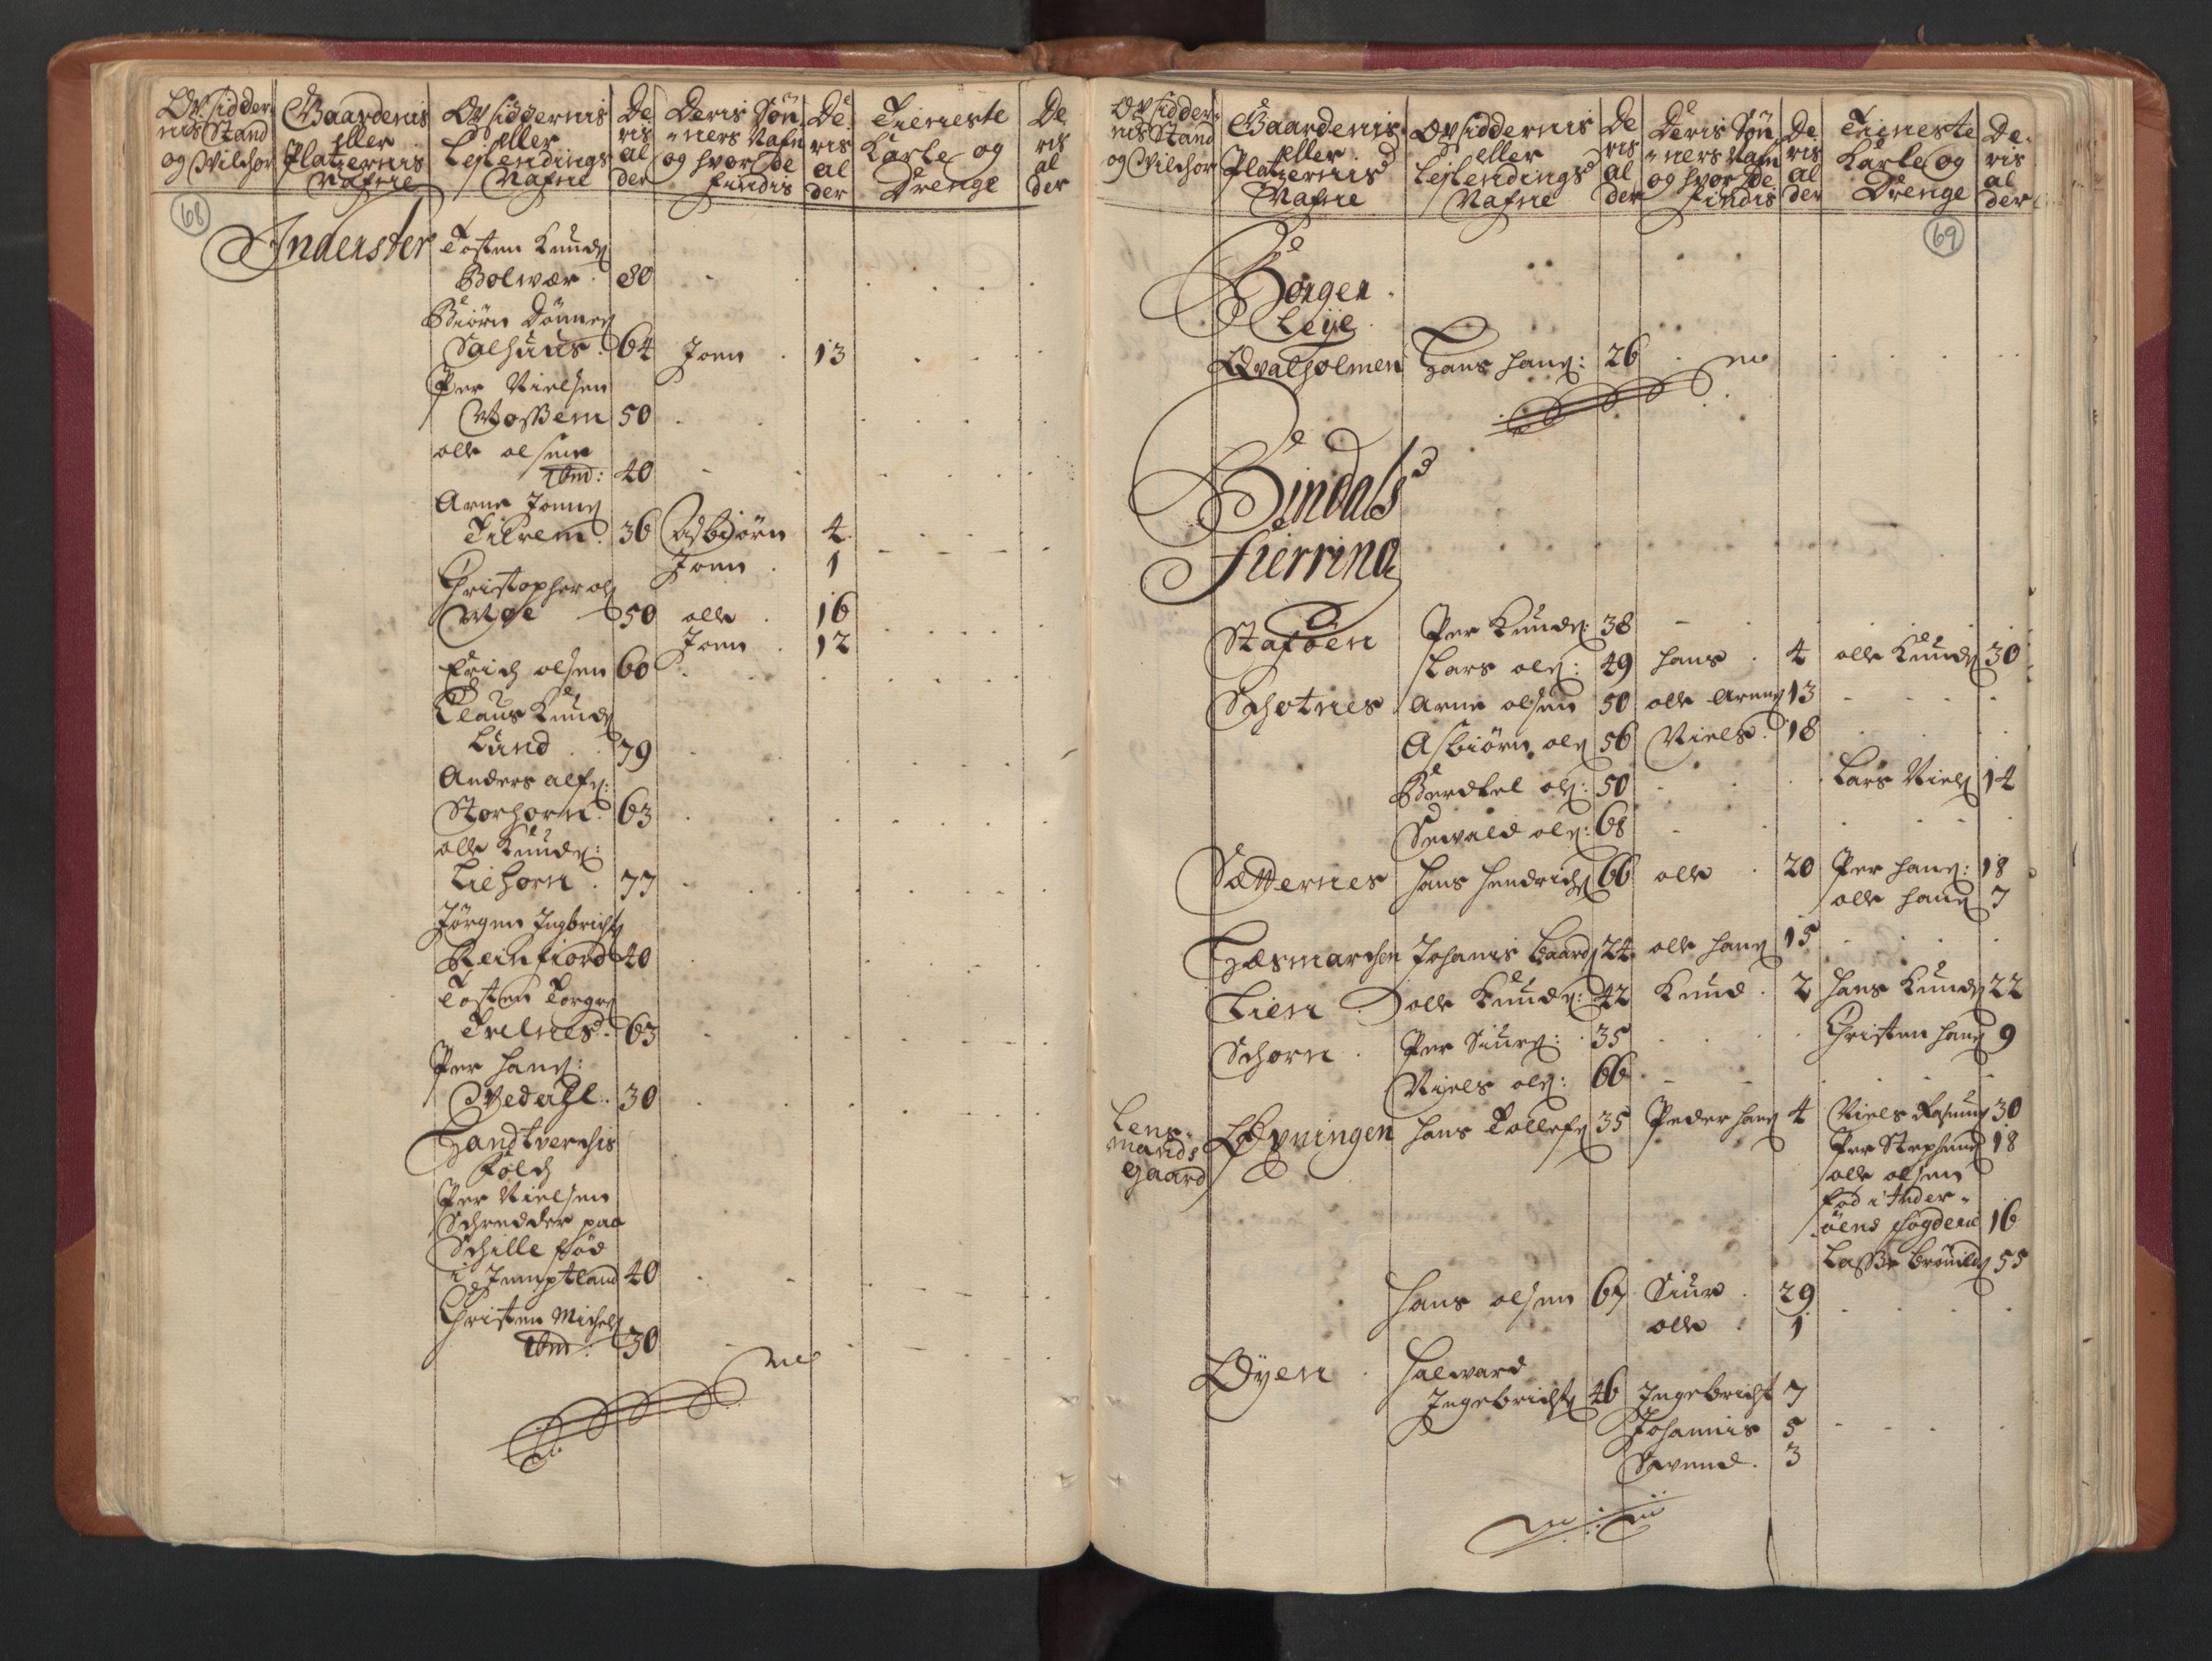 RA, Manntallet 1701, nr. 16: Helgeland fogderi, 1701, s. 68-69